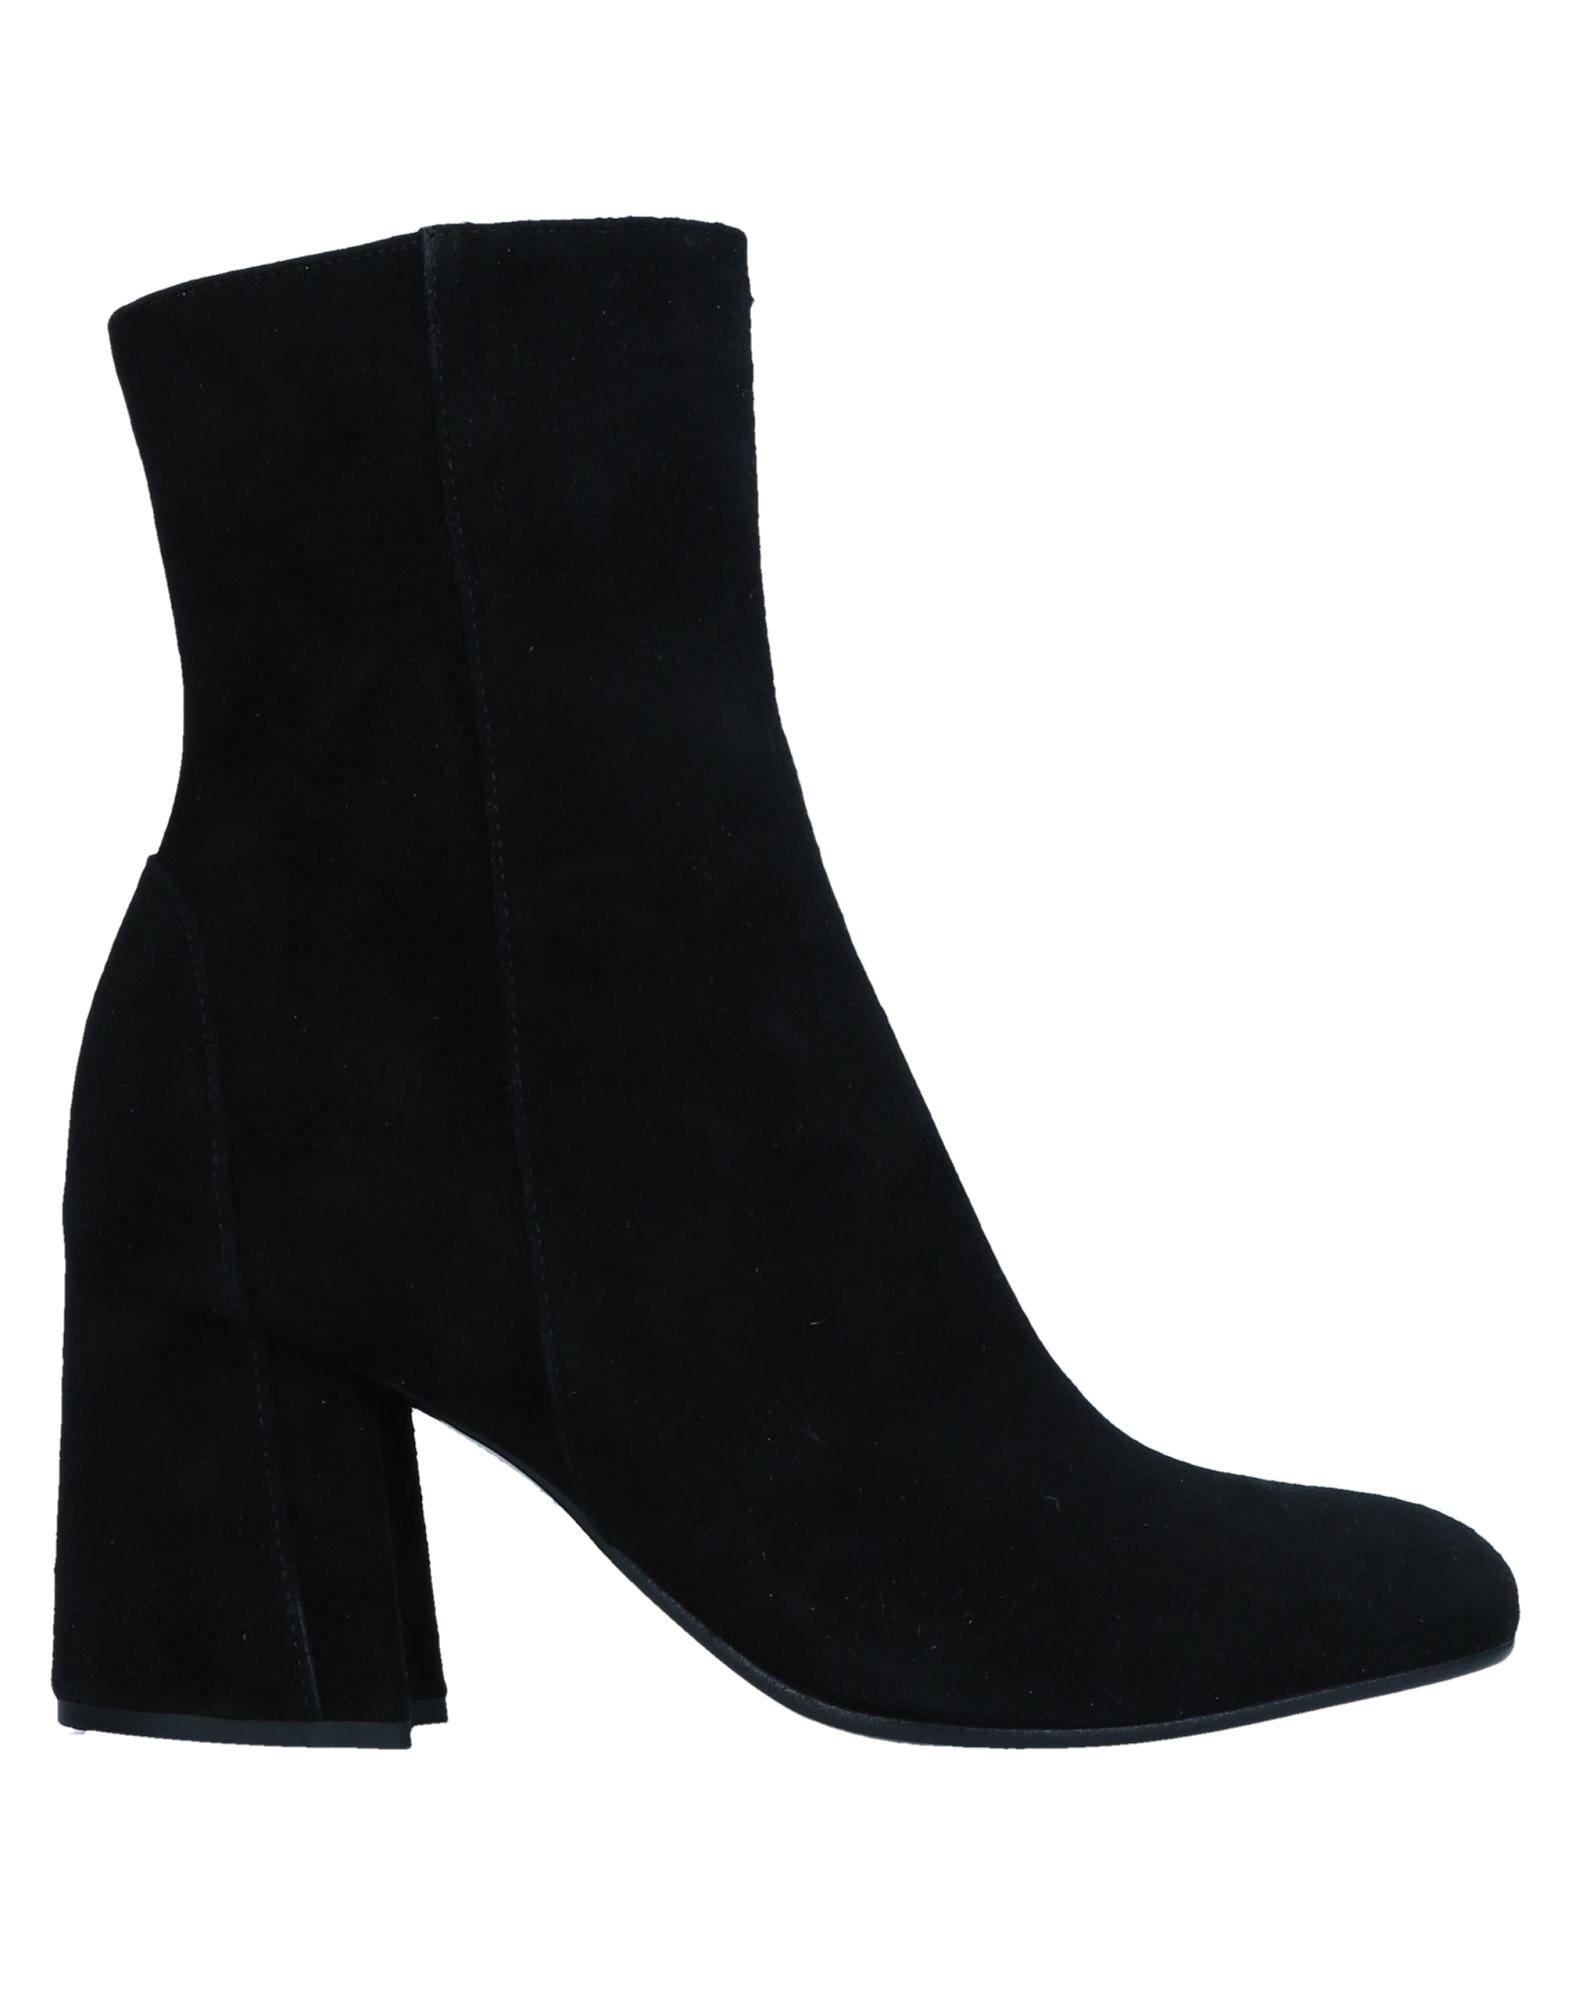 Bottine Marie Elodie Femme - Bottines Marie Elodie Noir Les chaussures les plus populaires pour les hommes et les femmes